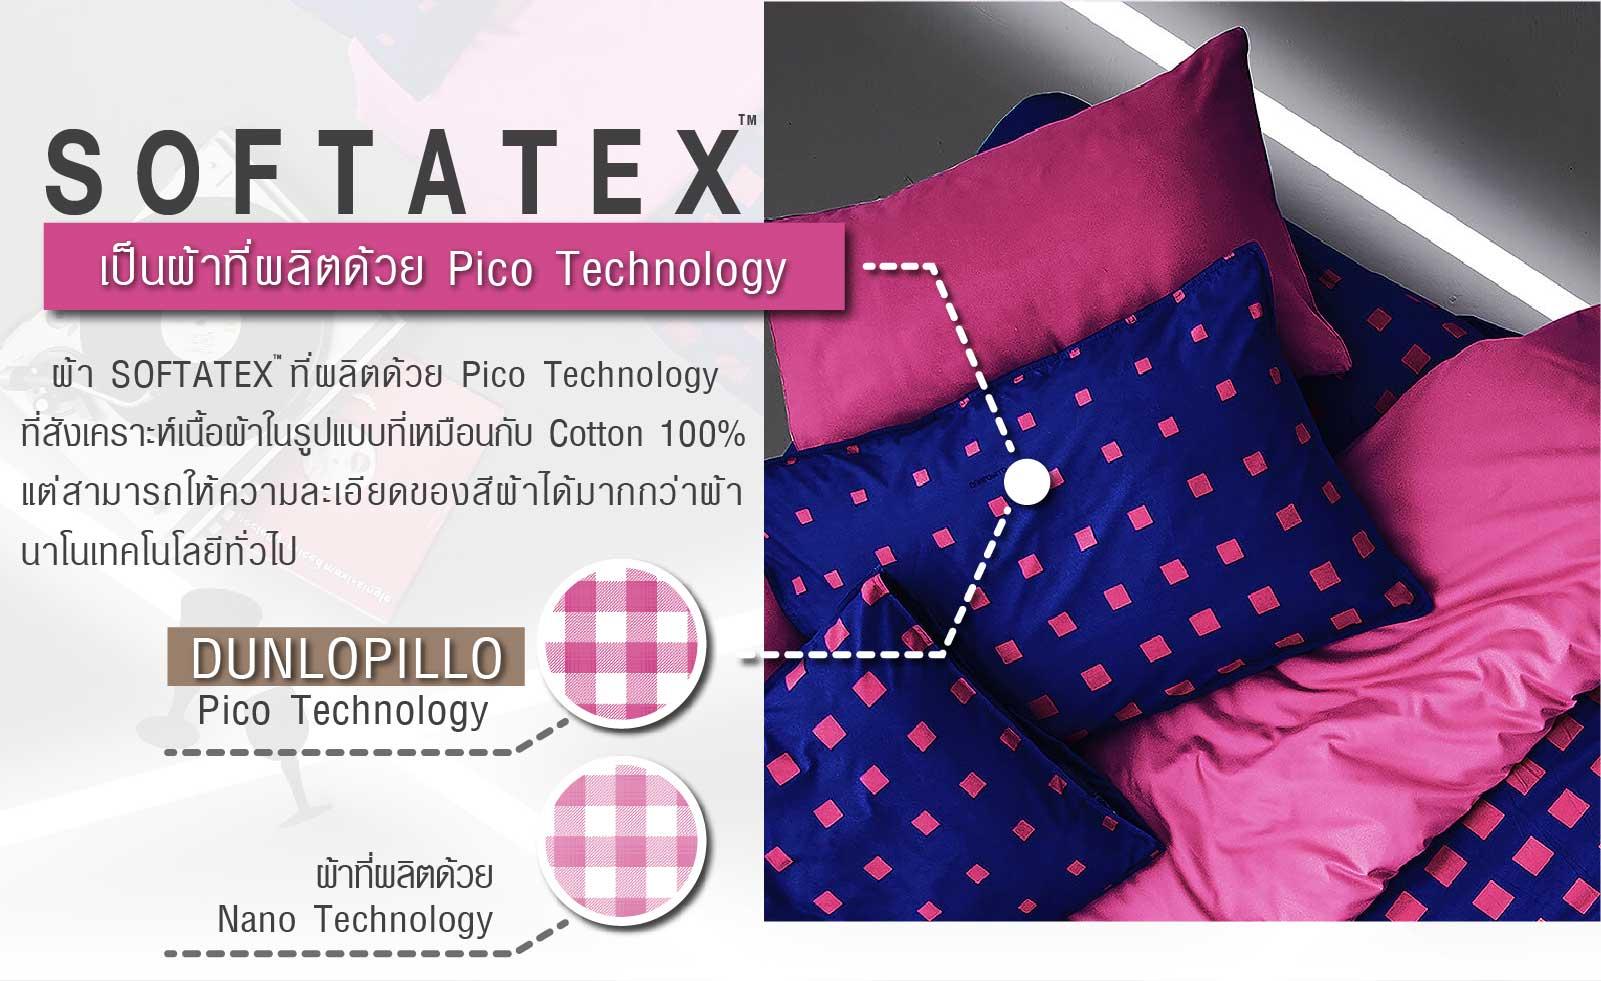 Dunlopillo รุ่น Stella ชุดผ้าปูที่นอน DL-SeXY-PINK-S